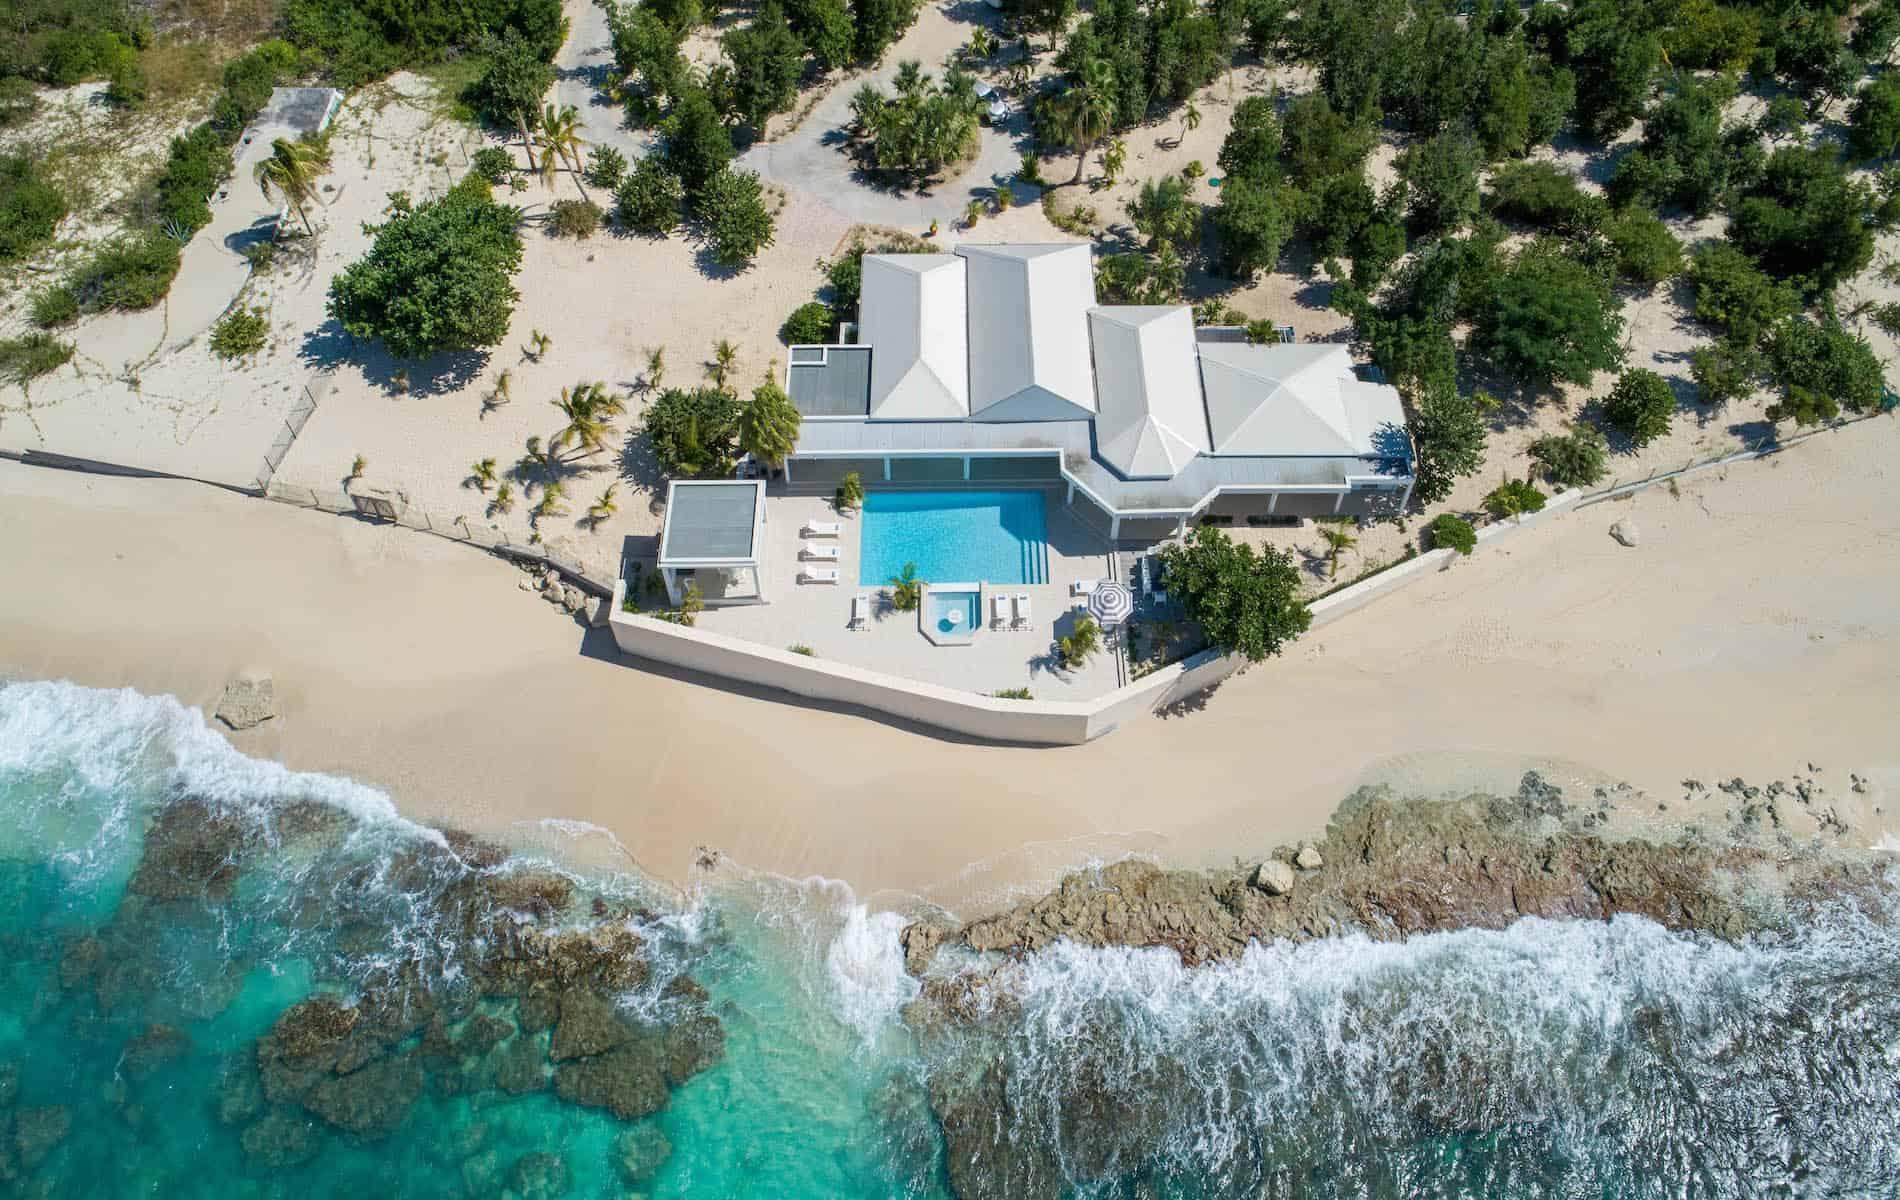 Droneshot Villa Ecume des Jours St Martin